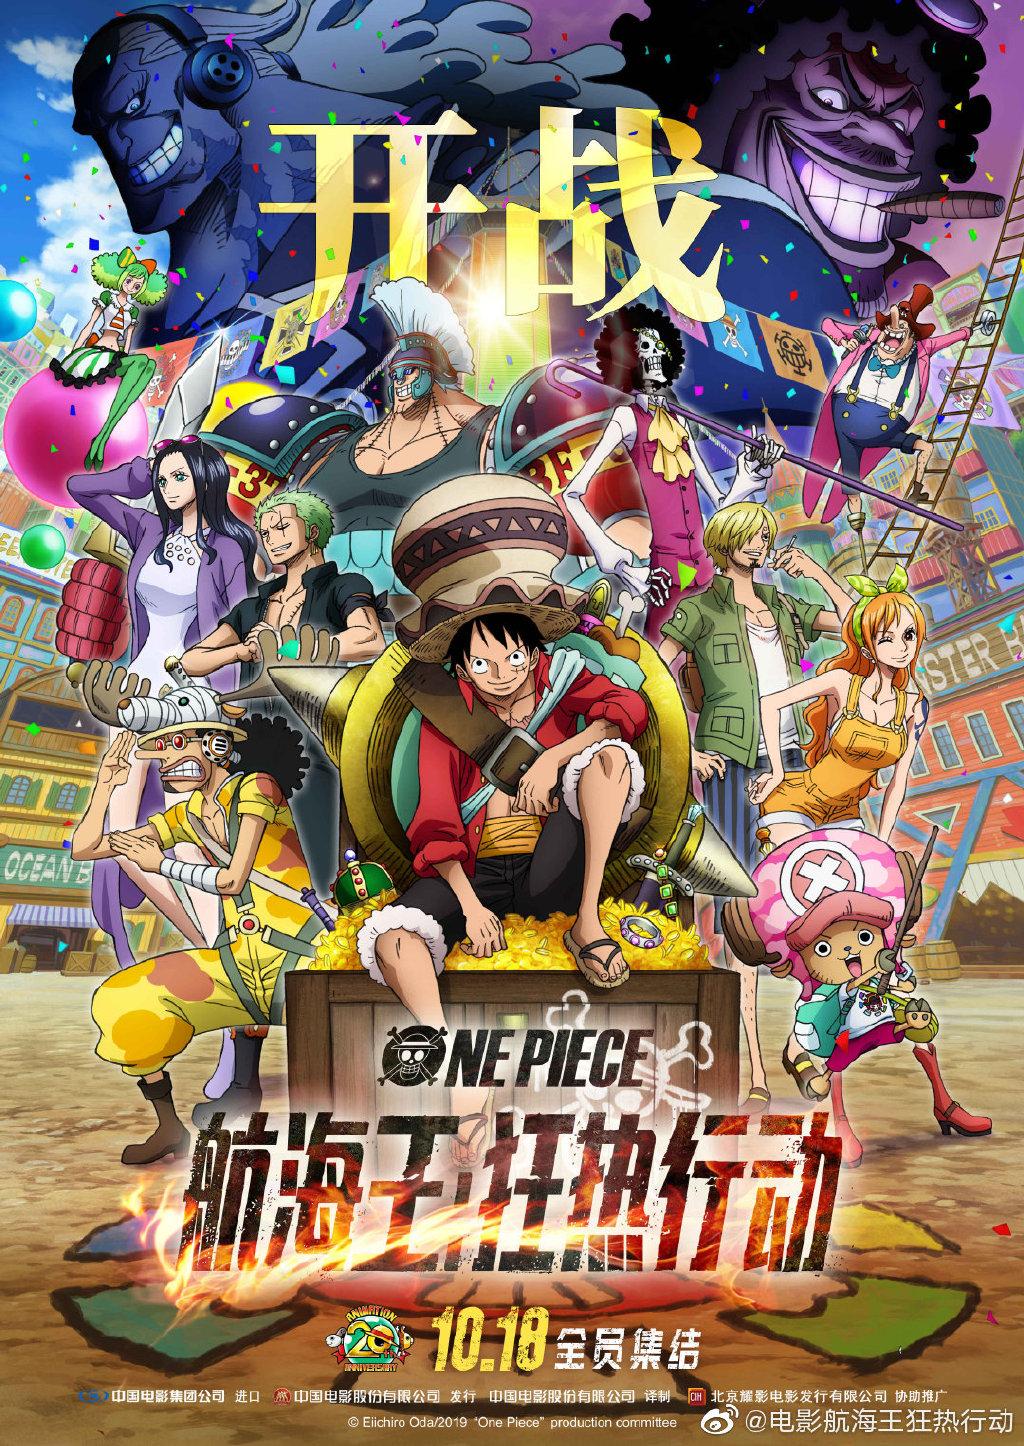 《海贼王:狂热行动》20周年剧场版定档10月18日